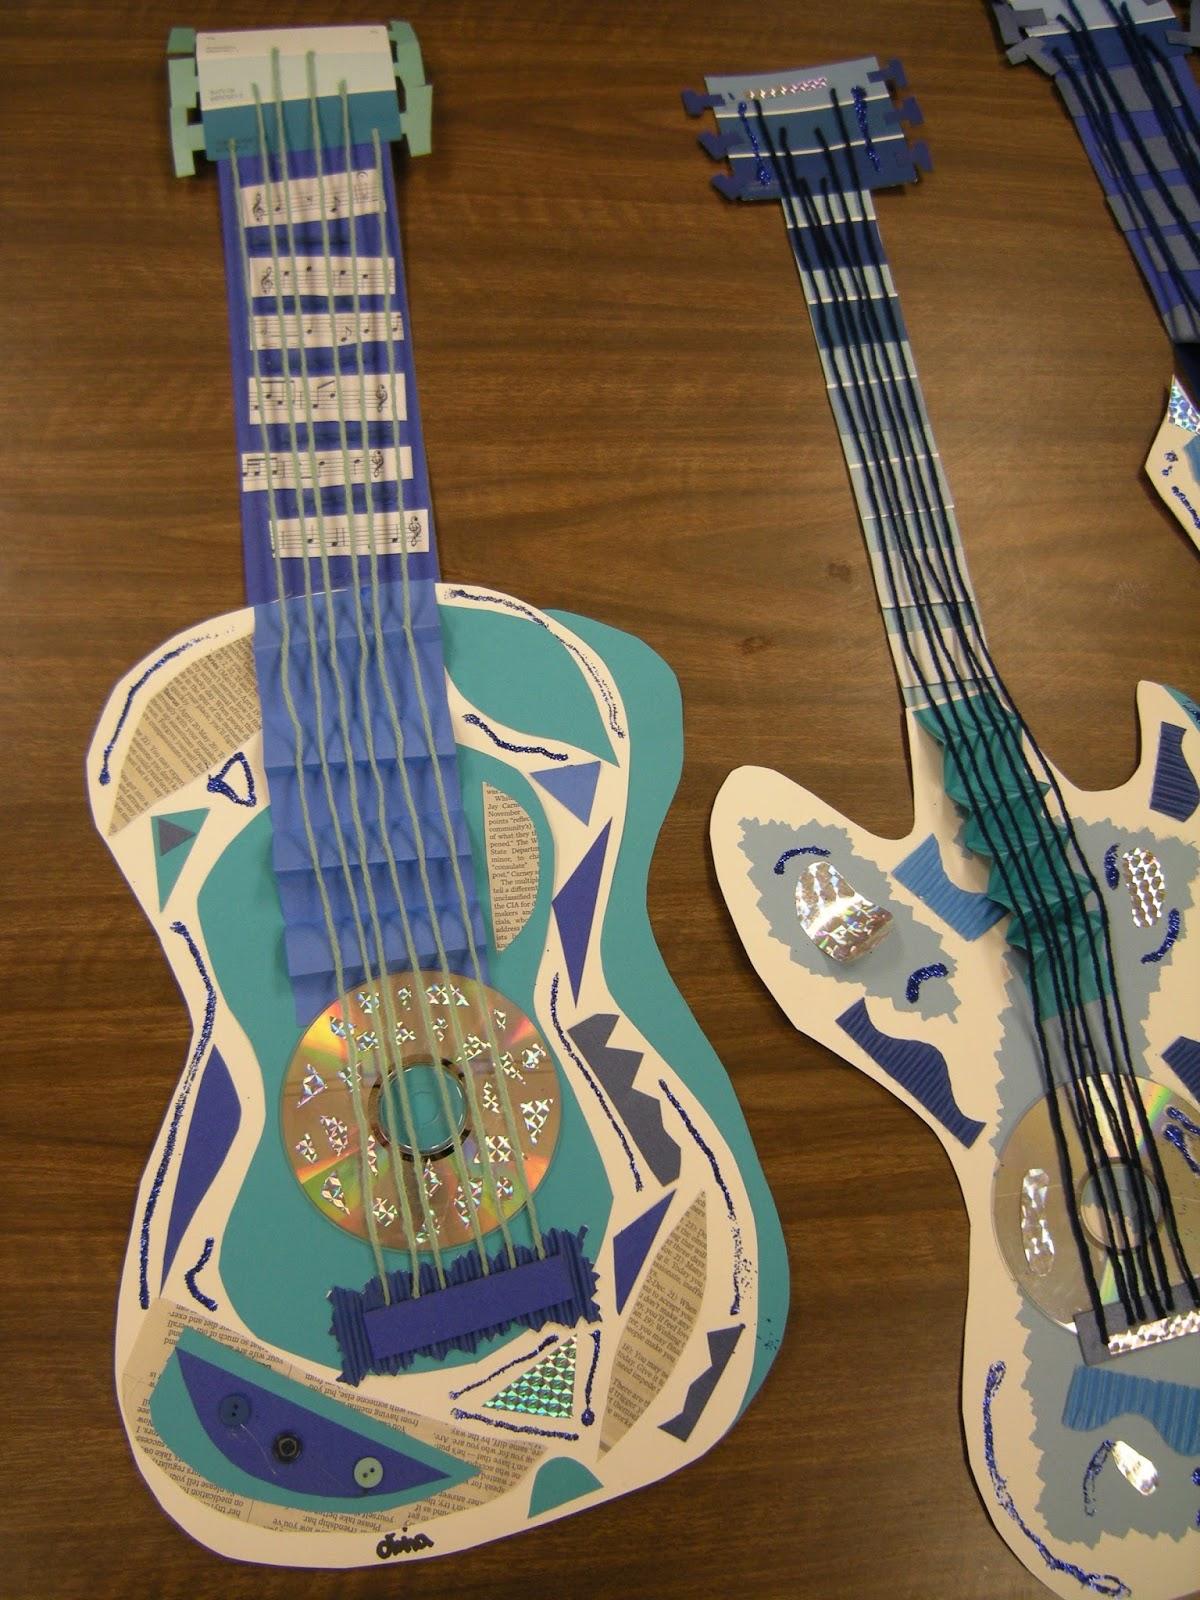 Artolazzi Picasso Blue Period Guitars